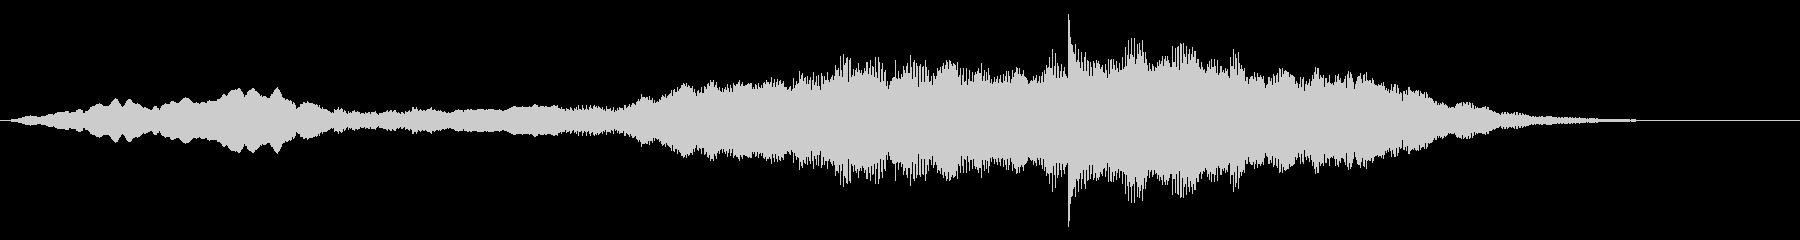 スローでソフトなシンセ移行またはロゴの未再生の波形